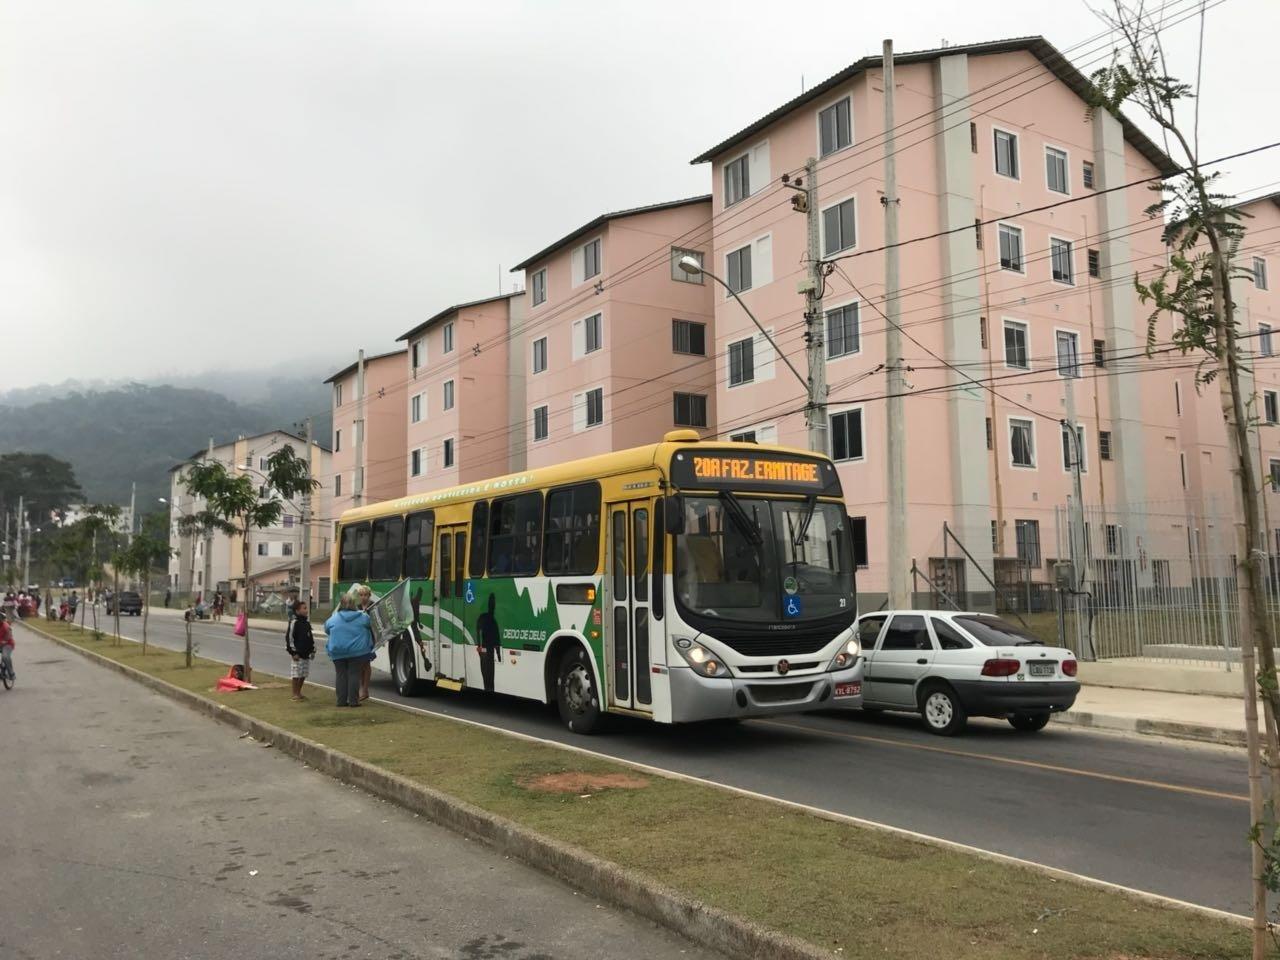 Área do Parque Residencial Ermitage ganhou linha de ônibus que leva moradores ao centro e a outros bairros de Teresópolis